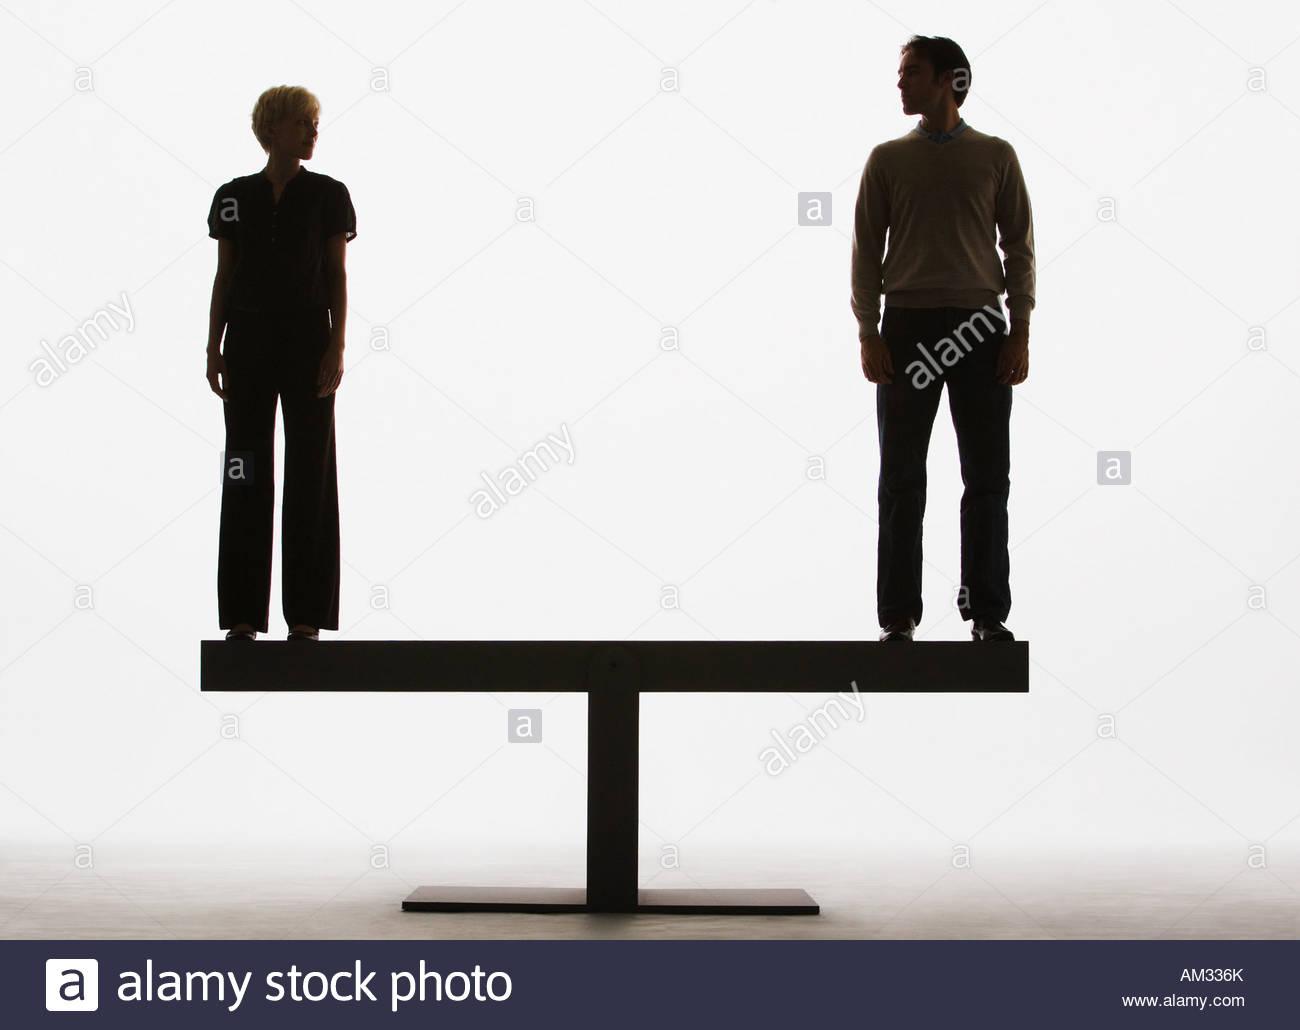 zwei Menschen stehen auf einem Brett Stockbild